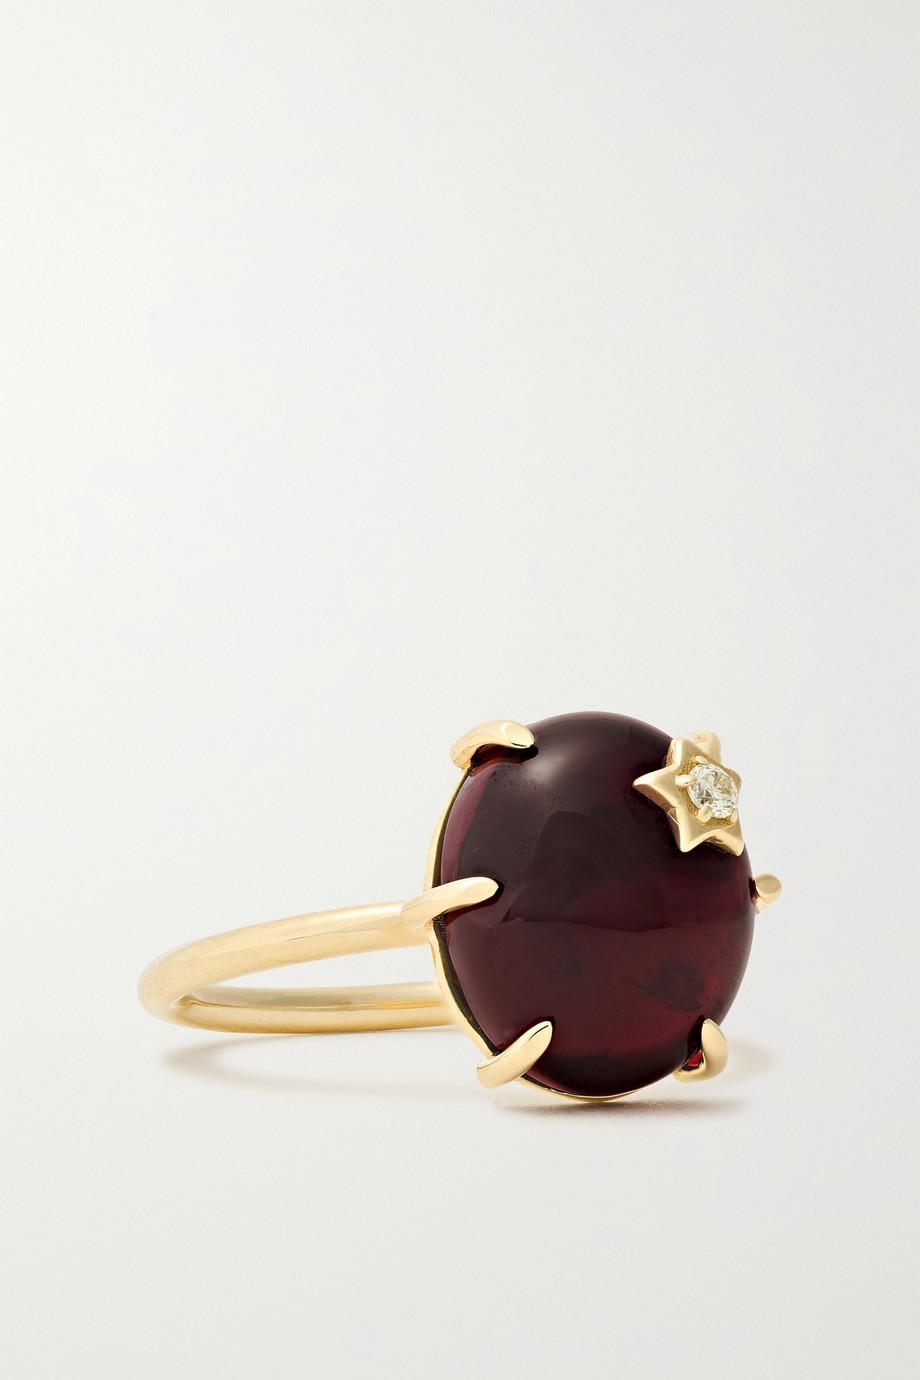 Andrea Fohrman Mini Galaxy 14-karat gold, garnet and diamond ring